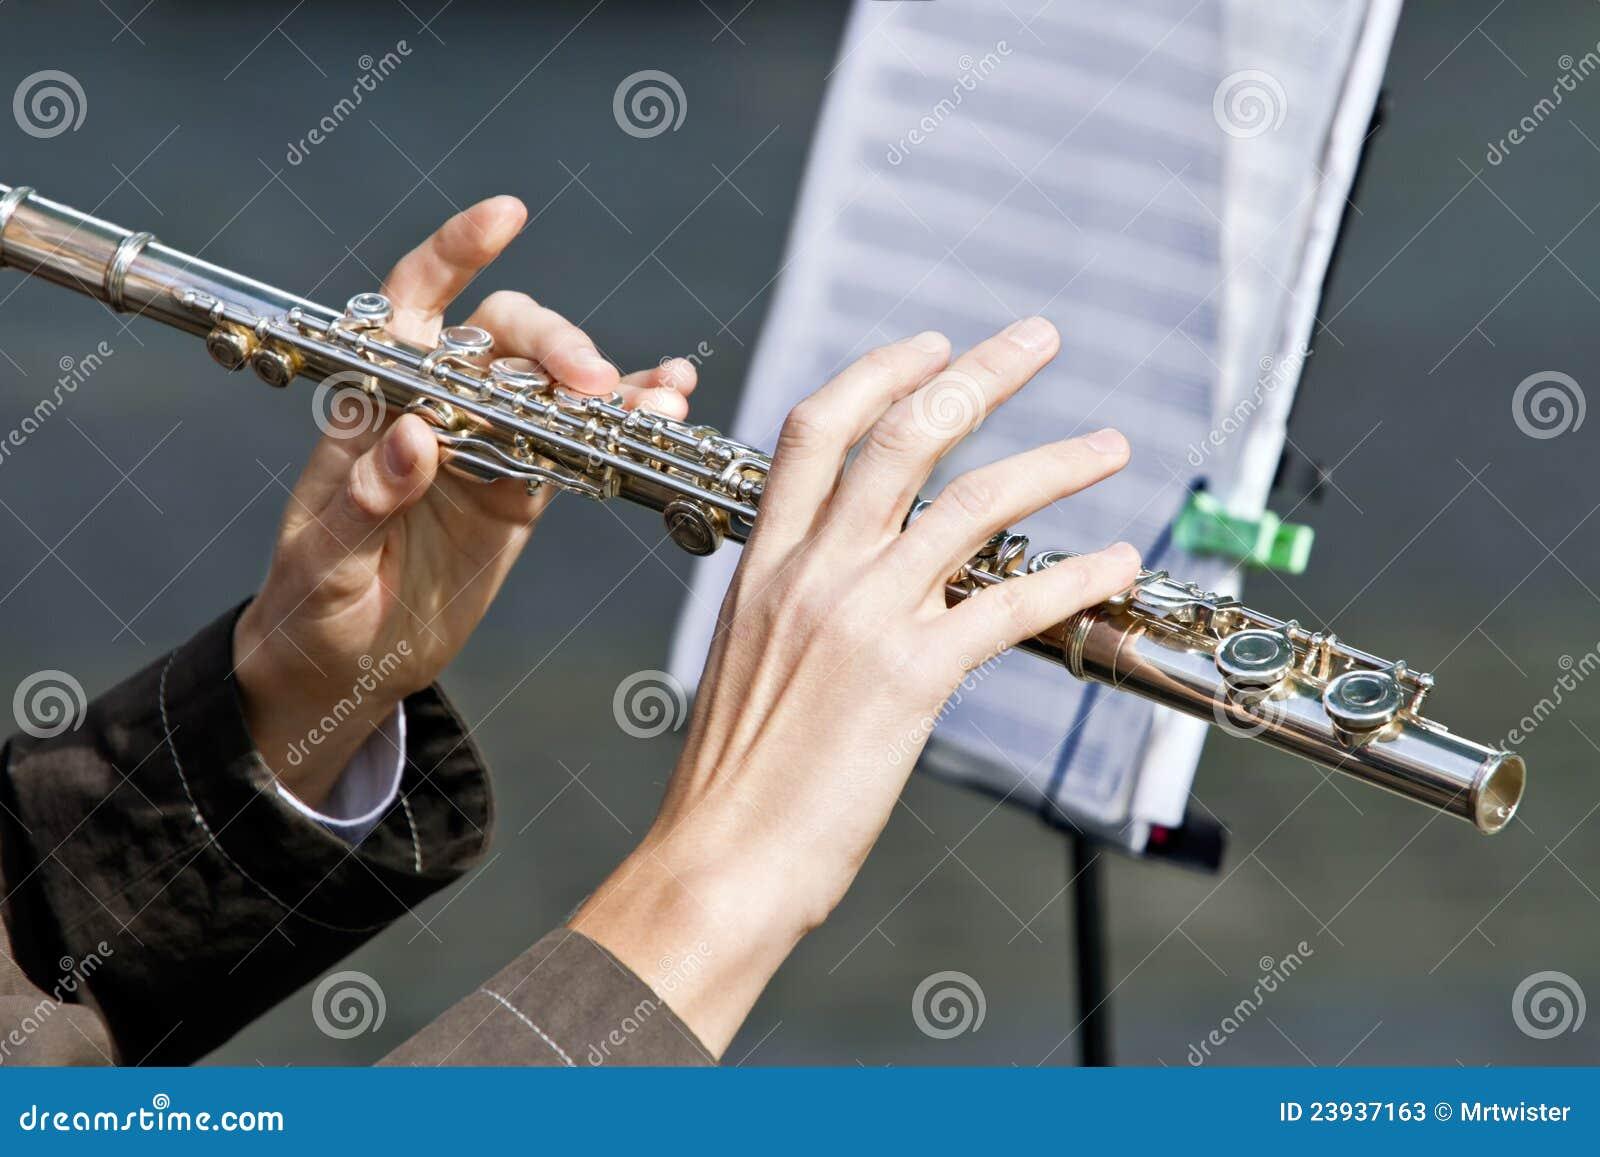 长笛演奏家